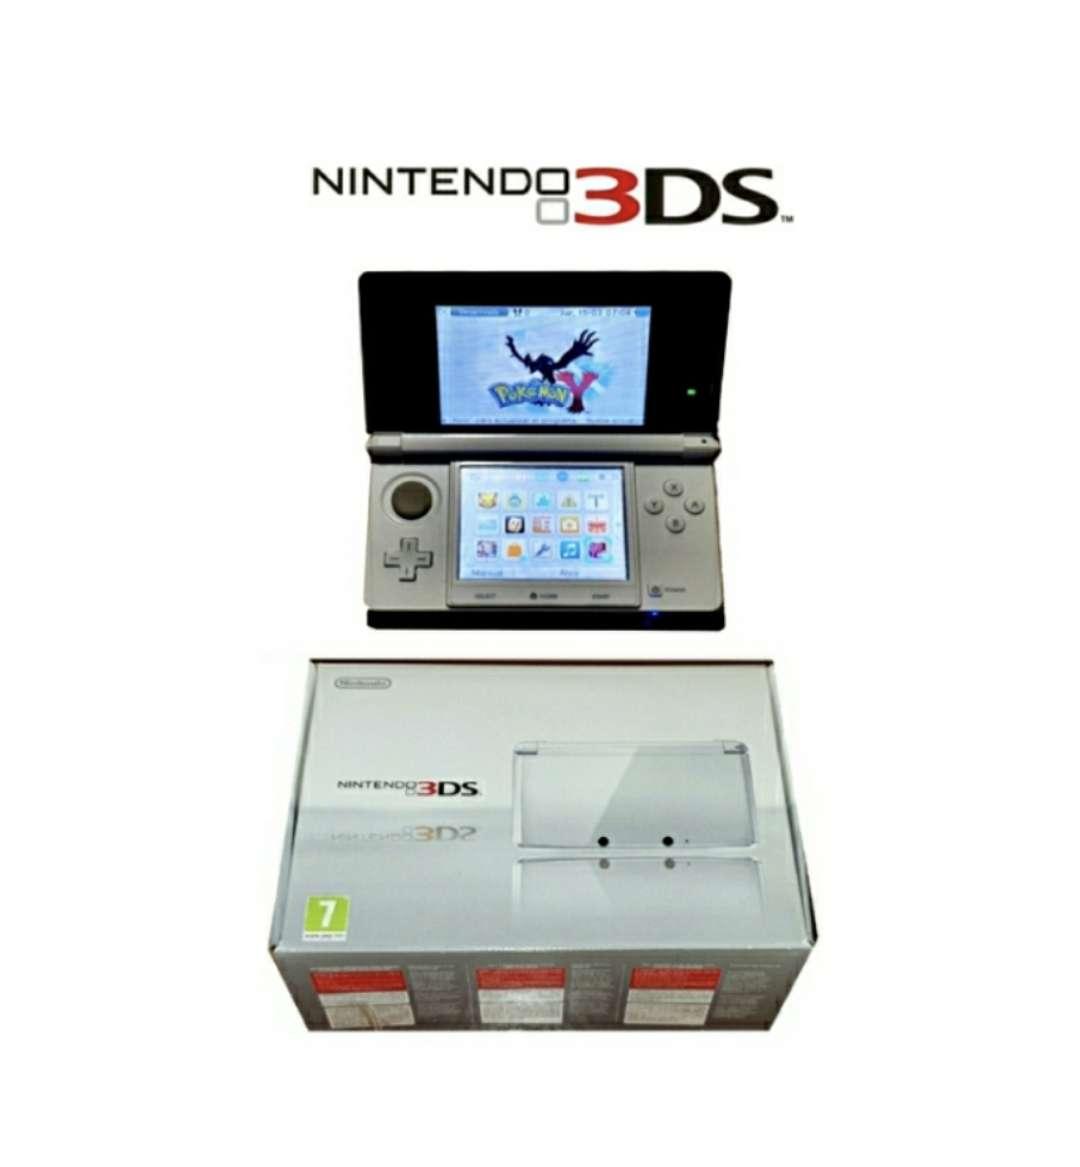 Imagen Videoconsola Nintendo 3DS Blanca Con Caja Original